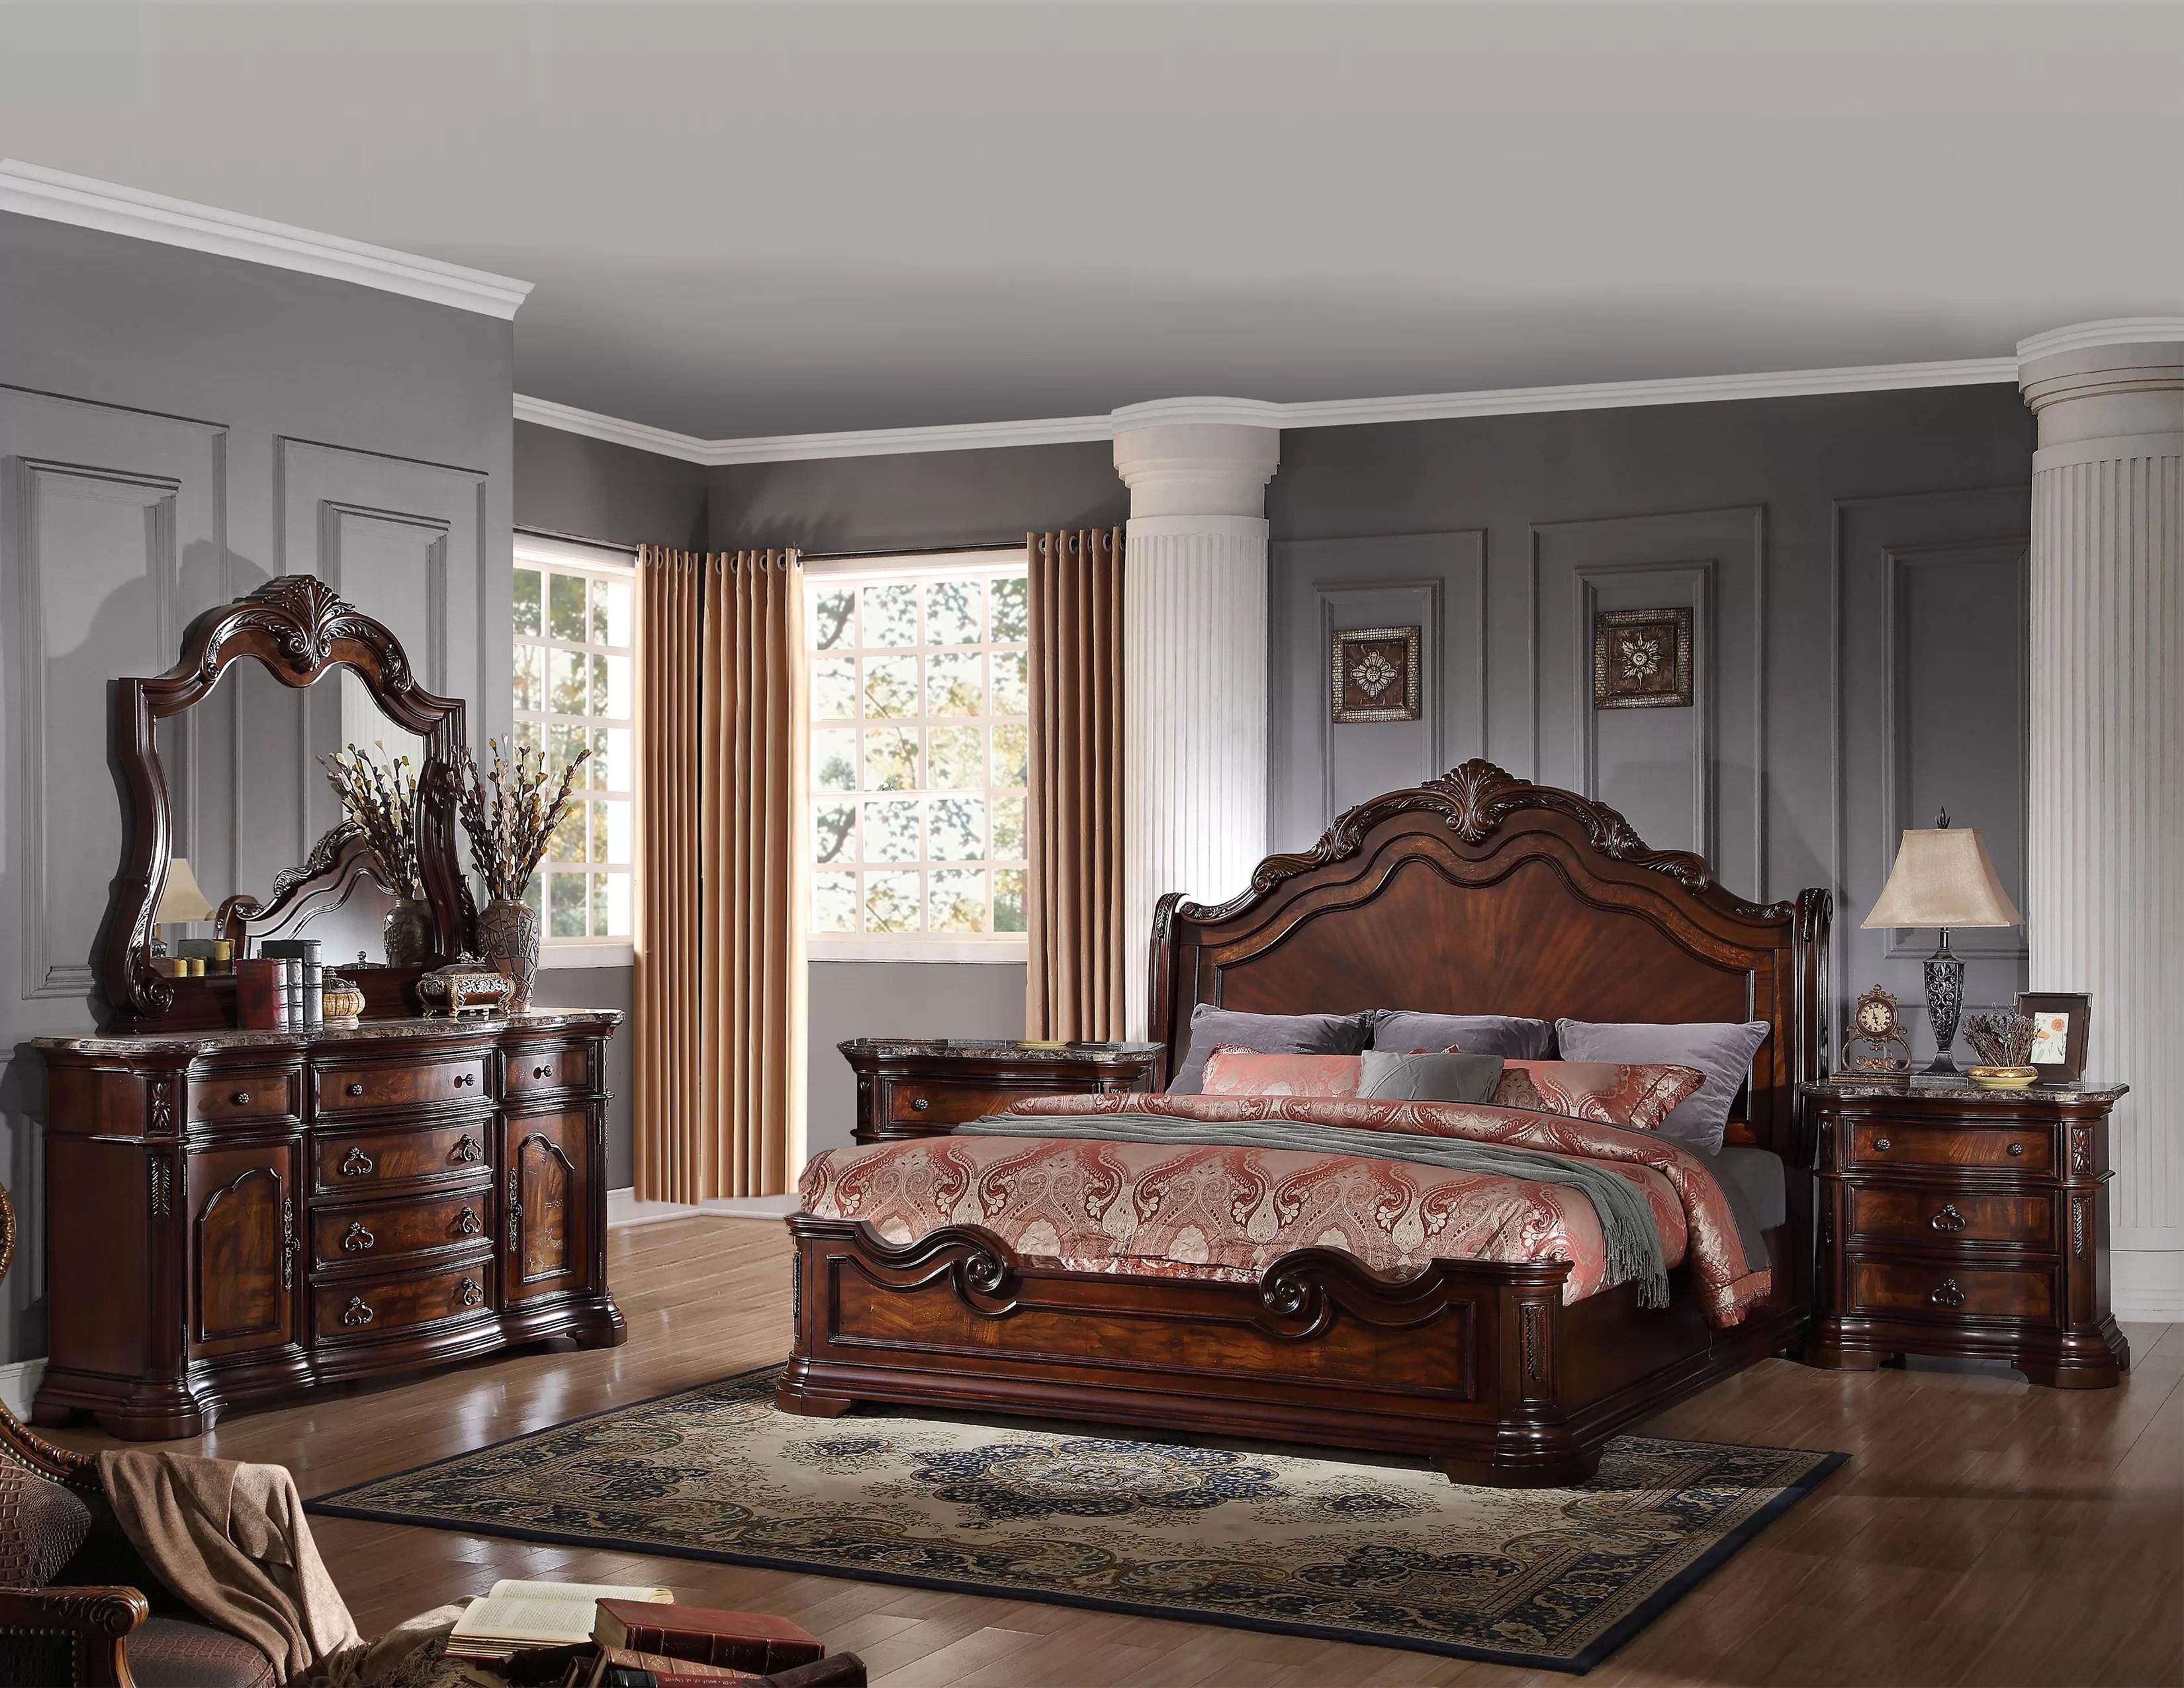 fletcher standard 5 piece bedroom set